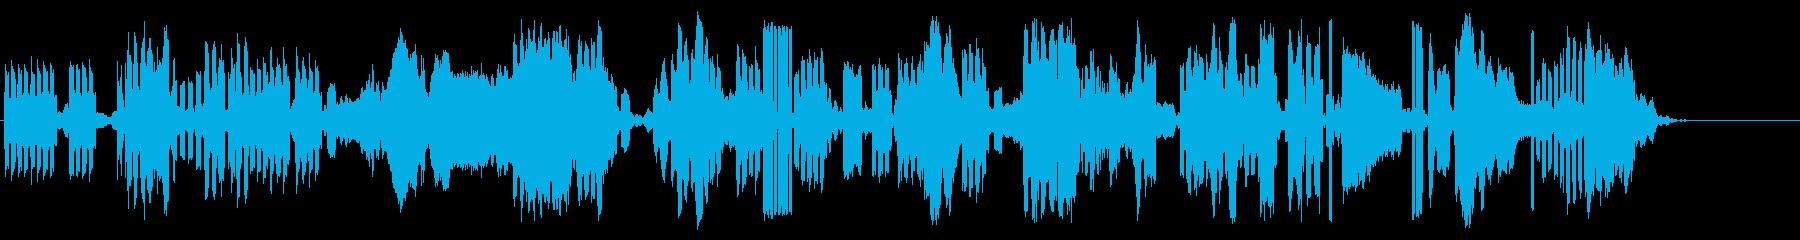 テレメトリレセプションの再生済みの波形